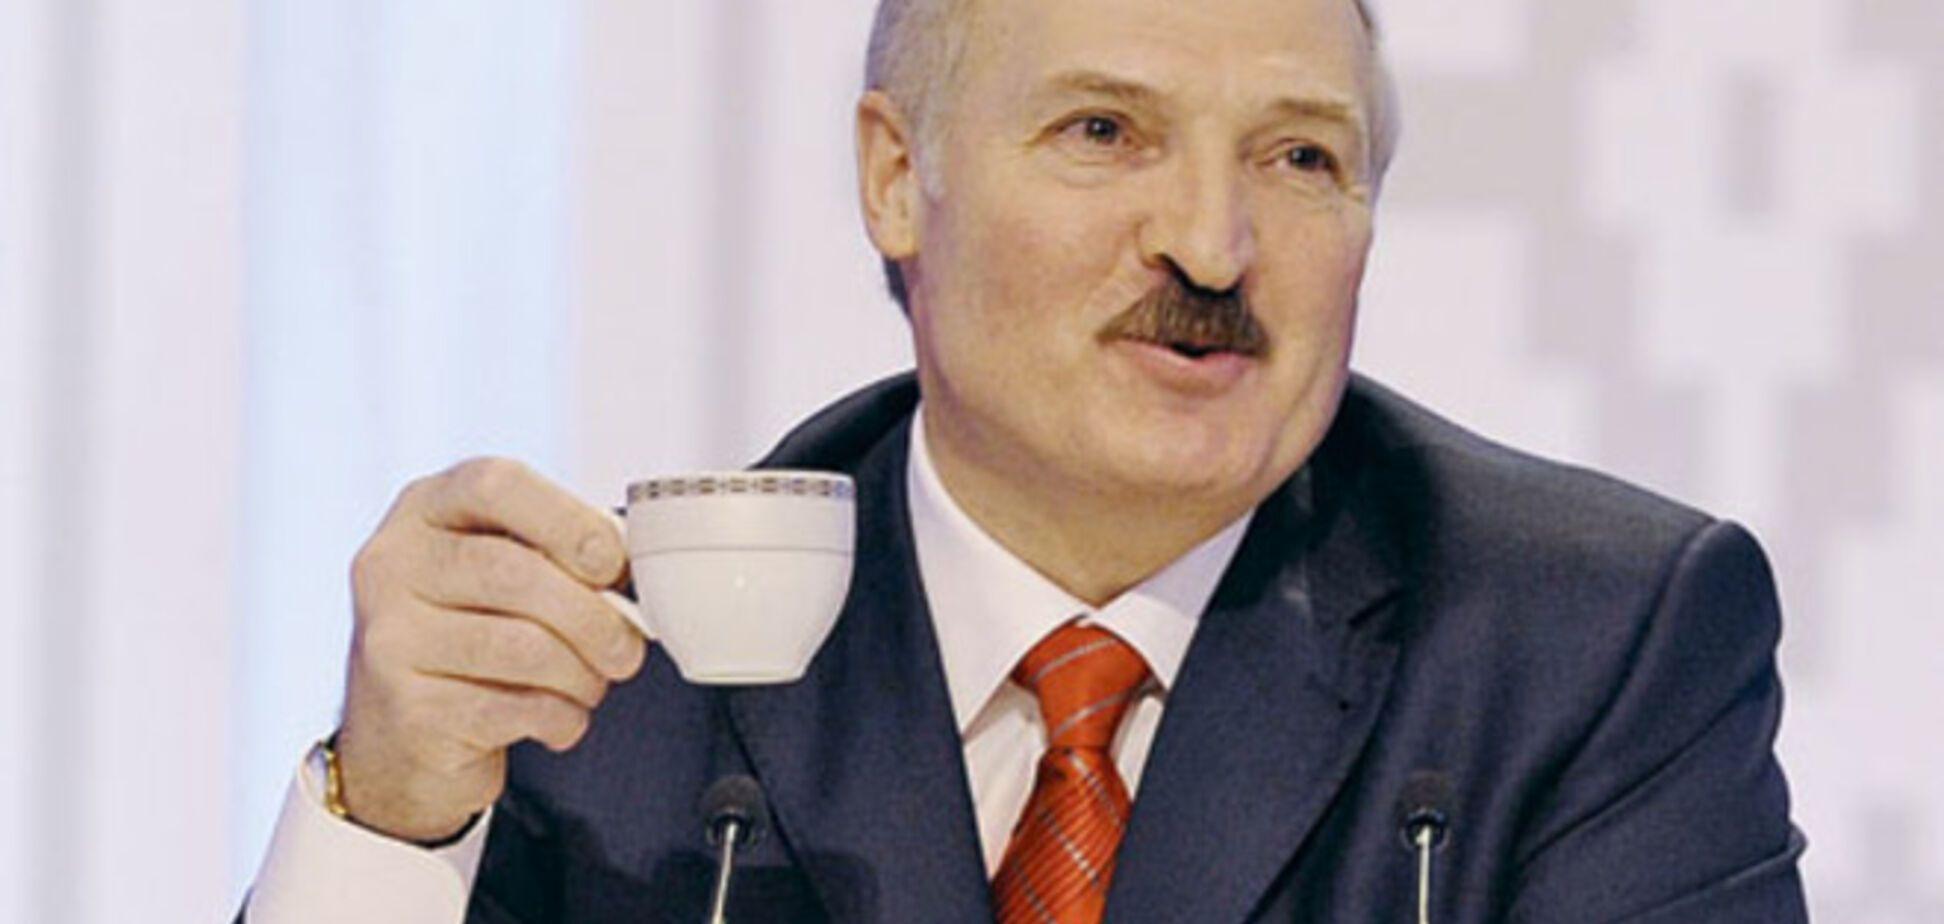 Лукашенко отказывается от переговоров по Евразийскому союзу из-за разногласий с Россией